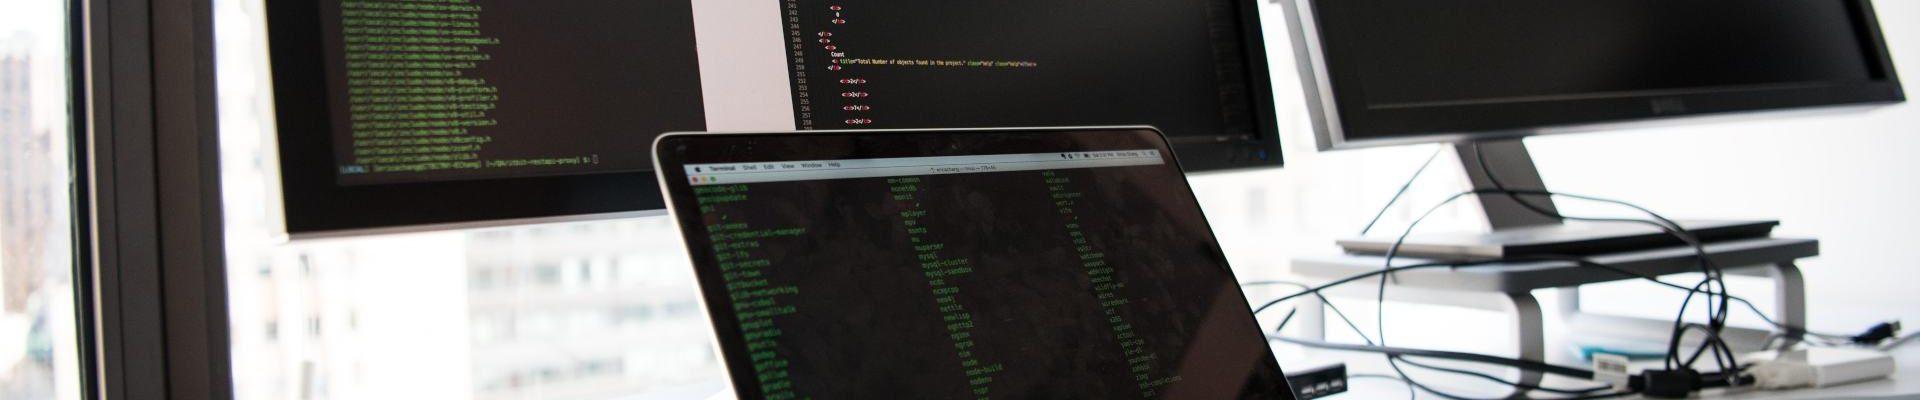 Programowanie Algorytmy